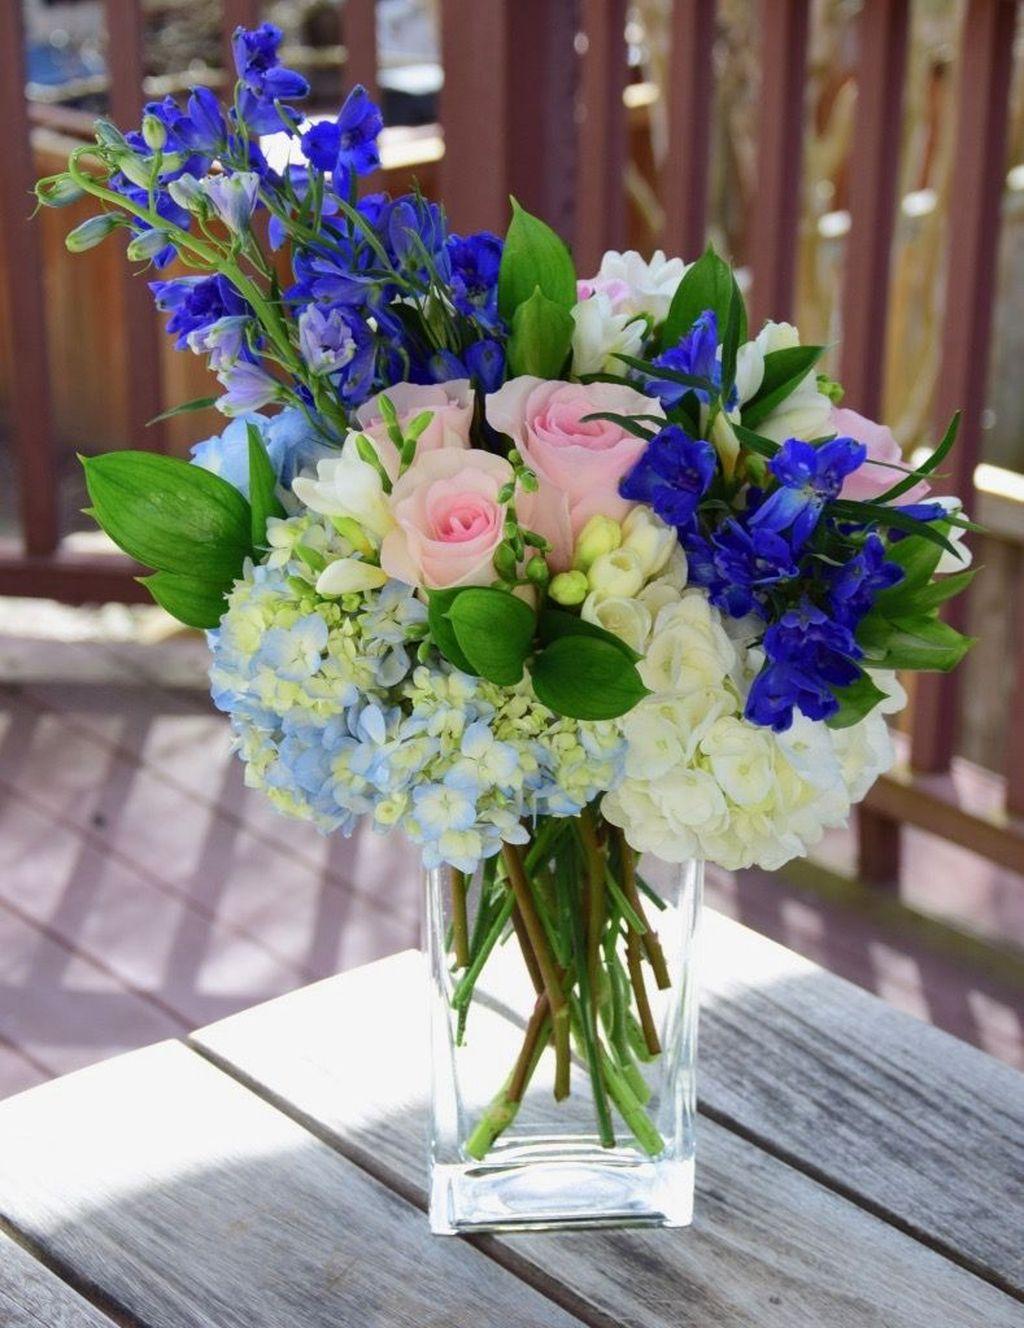 Amazing Unique Flower Arrangements Ideas For Your Home Decor 09